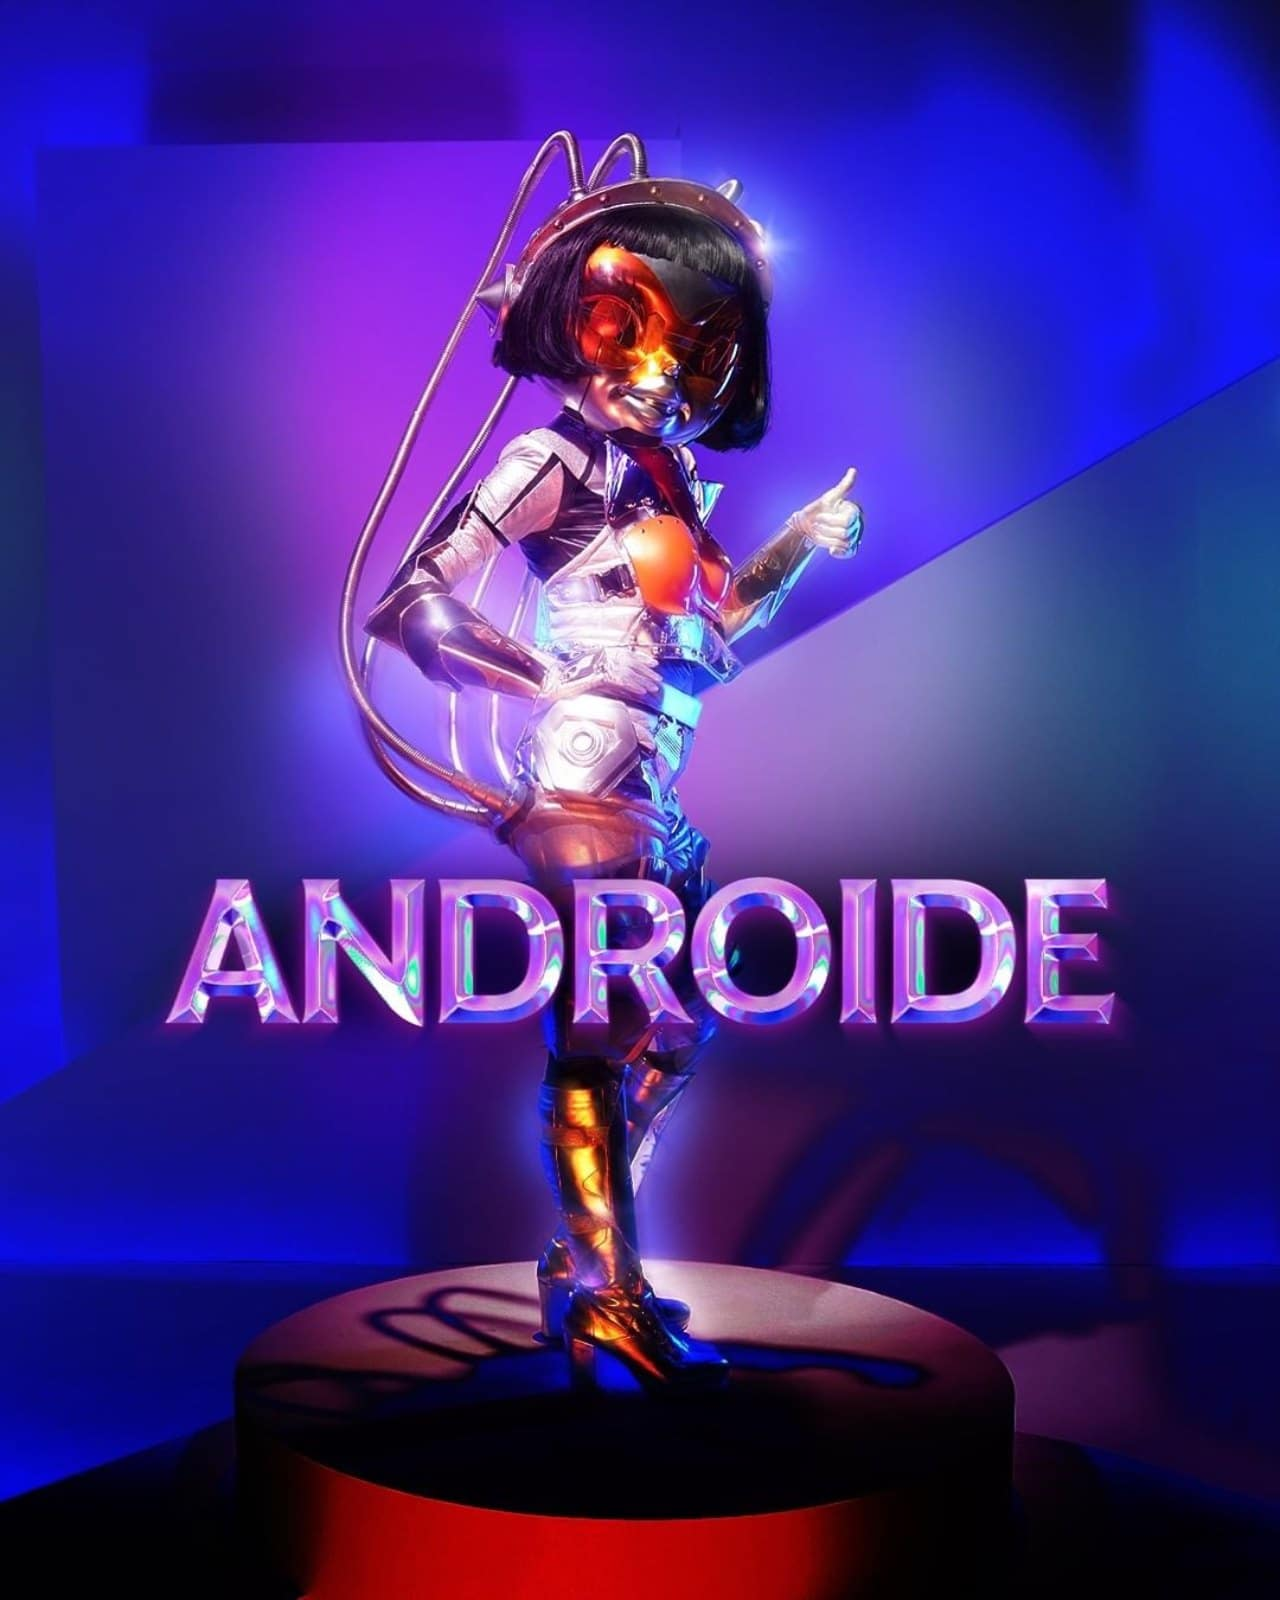 Androide en Quien es la mascara